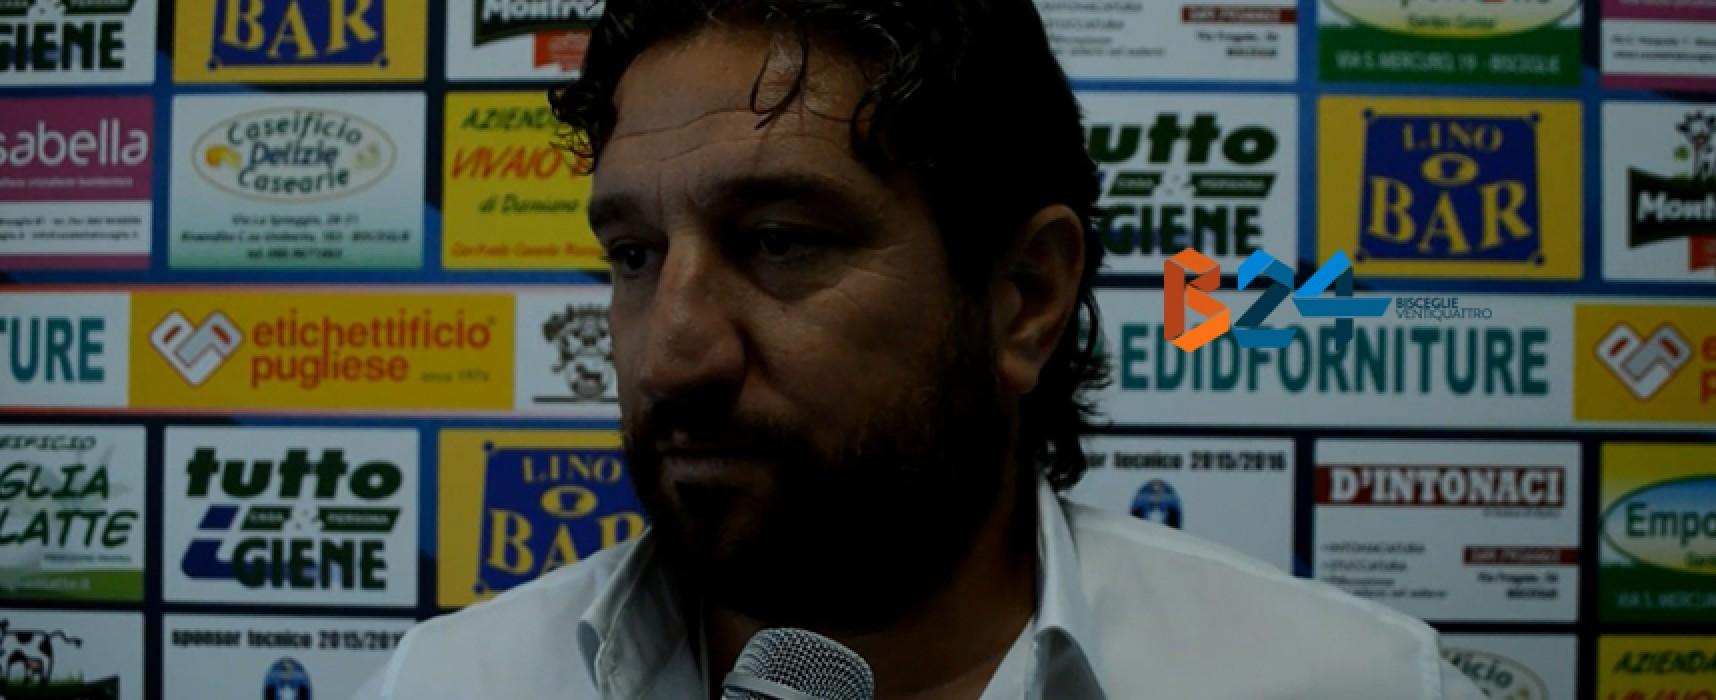 """Bisceglie calcio è crisi nera, De Santis: """"Non so più che fare, mi auguro accada un miracolo"""""""